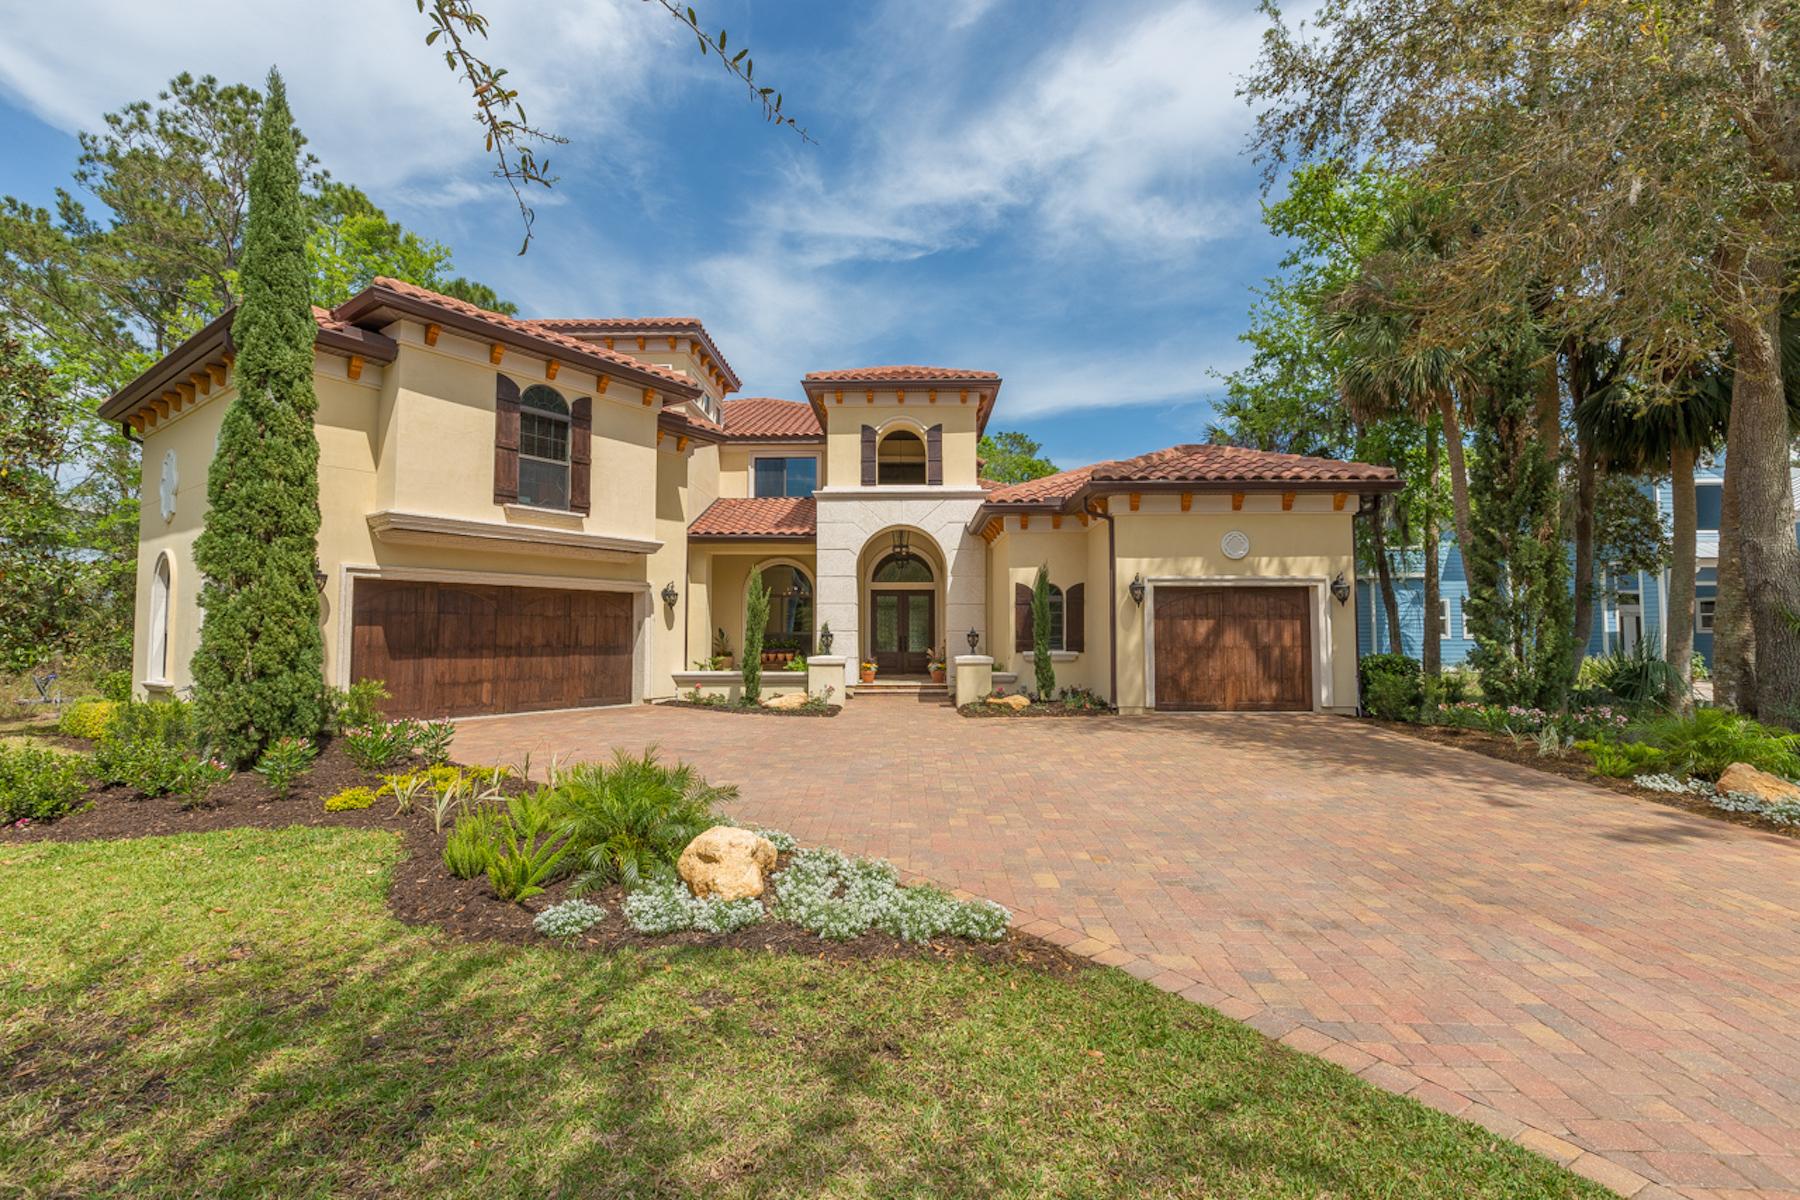 Villa per Vendita alle ore Ponte Vedra Intracoastal Home 120 Preserve Haven View Ponte Vedra Beach, Florida, 32081 Stati Uniti